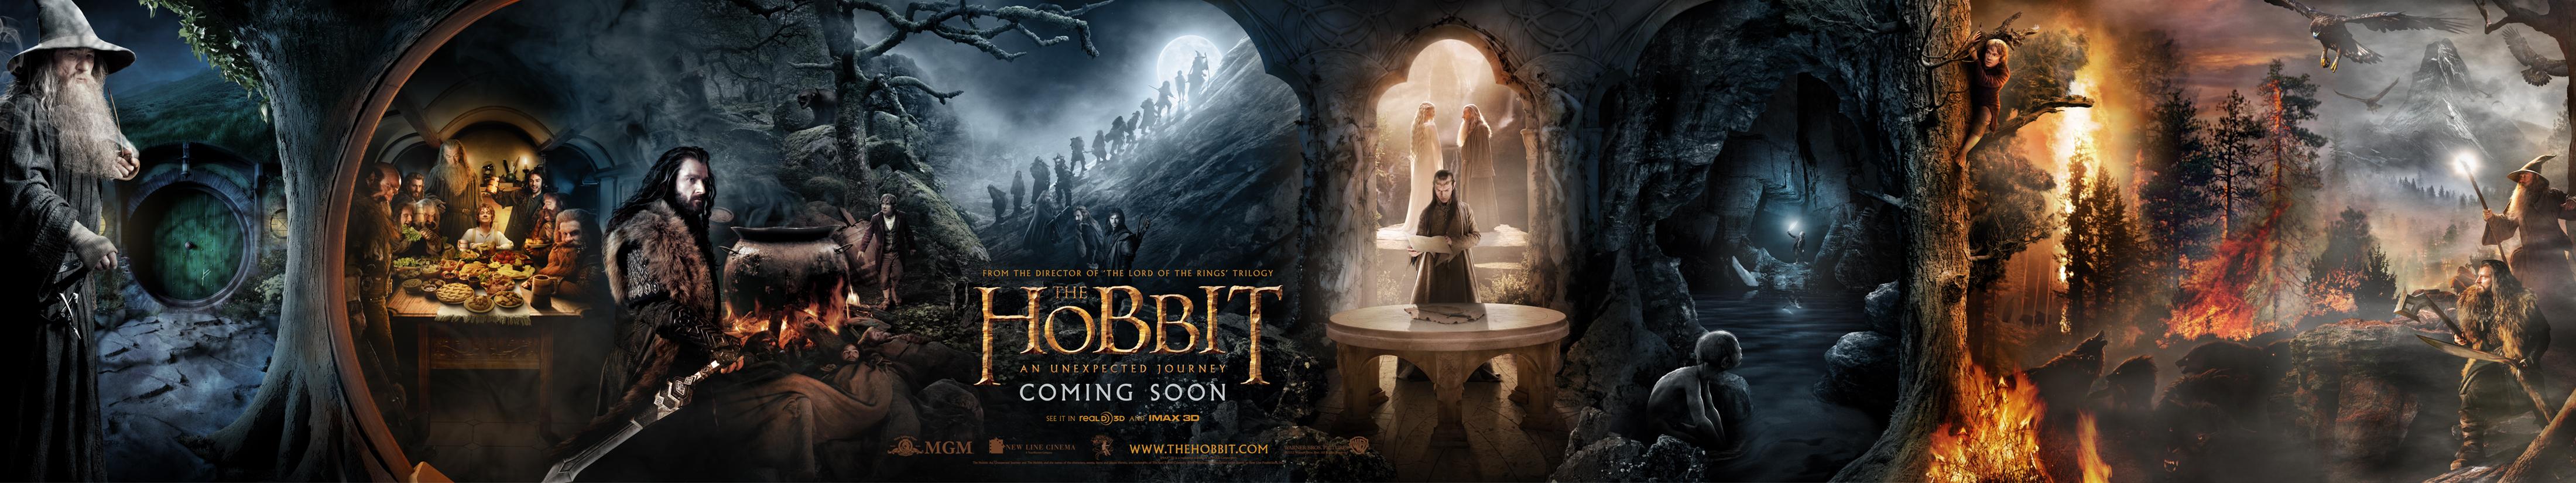 Le Hobbit (série de films) — Wikipédia